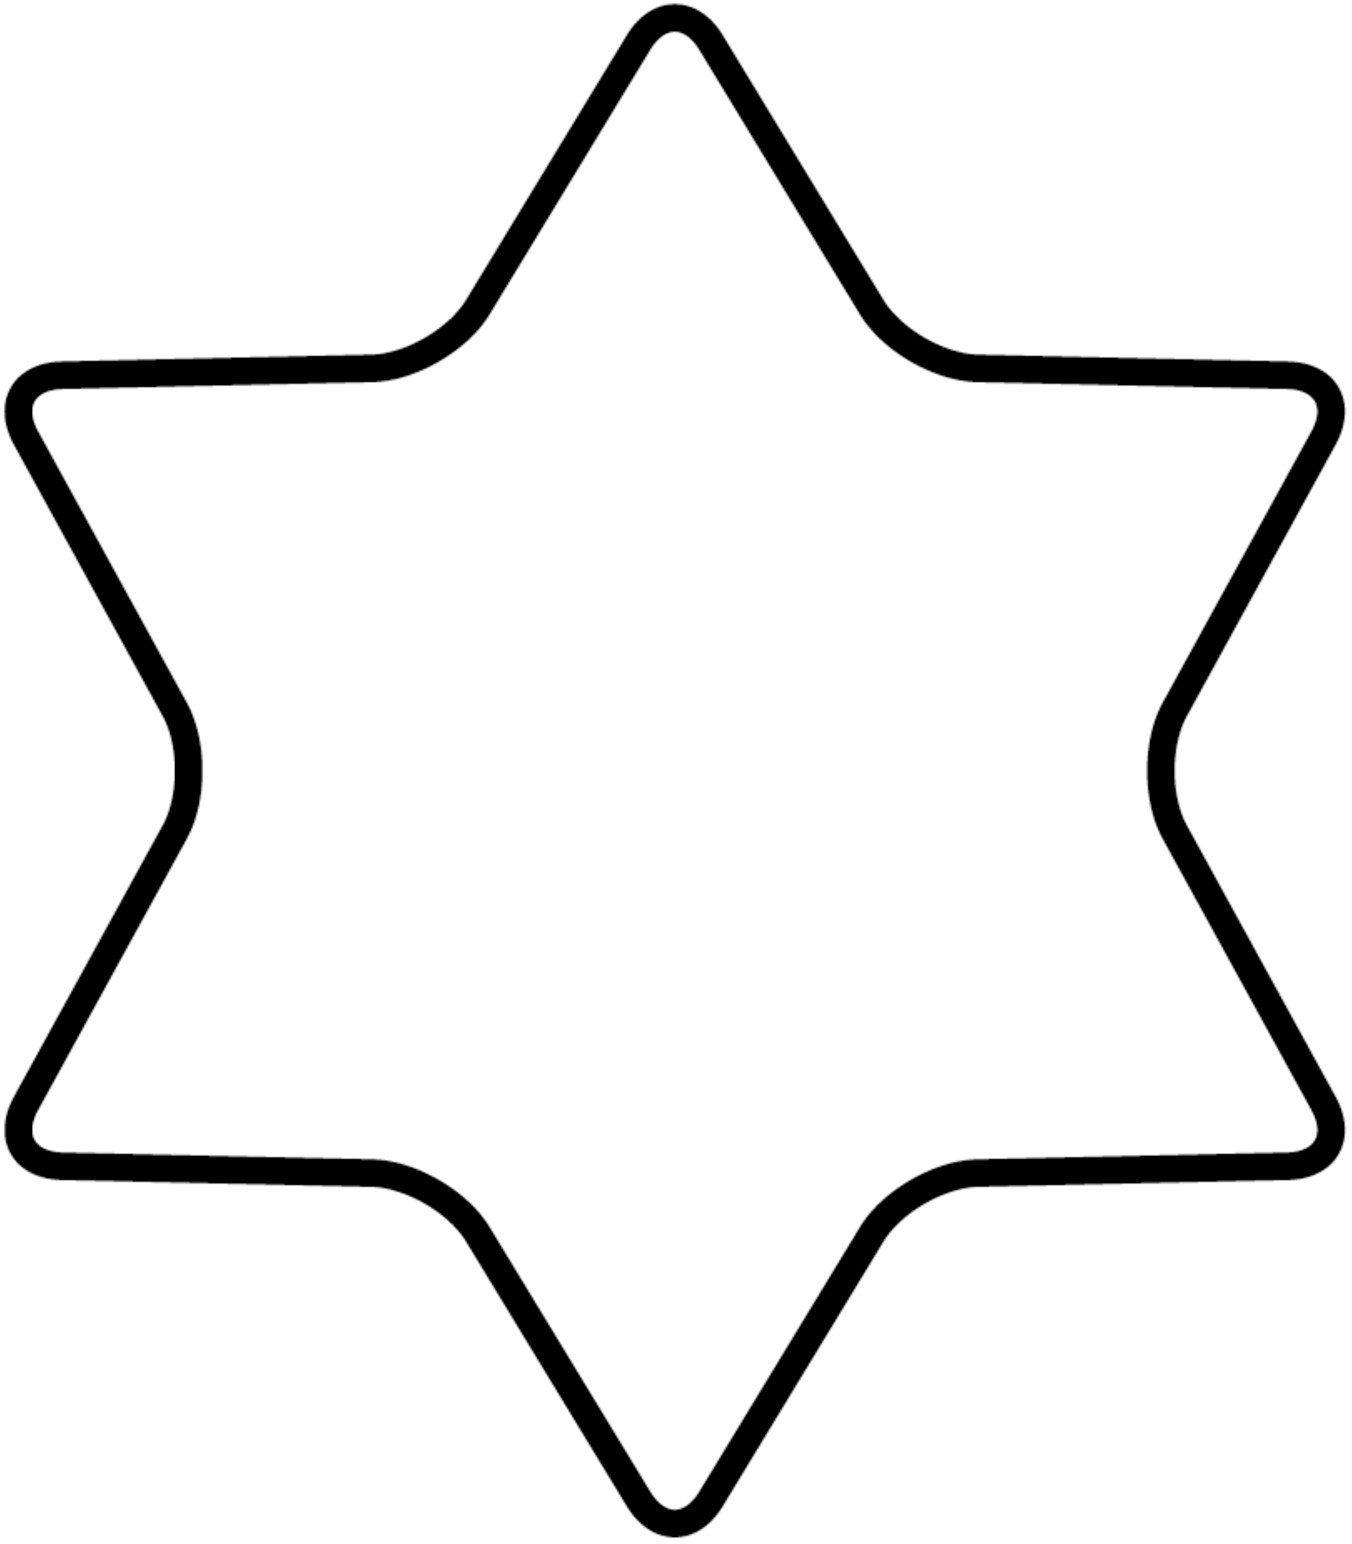 Kaiser foremka do wykrawania ciastek w kształcie gwiazdy, 6-zębowa, 8 cm, jakość premium, łatwe, precyzyjne wykrawanie, bezpieczne, przyjemne użytkowanie